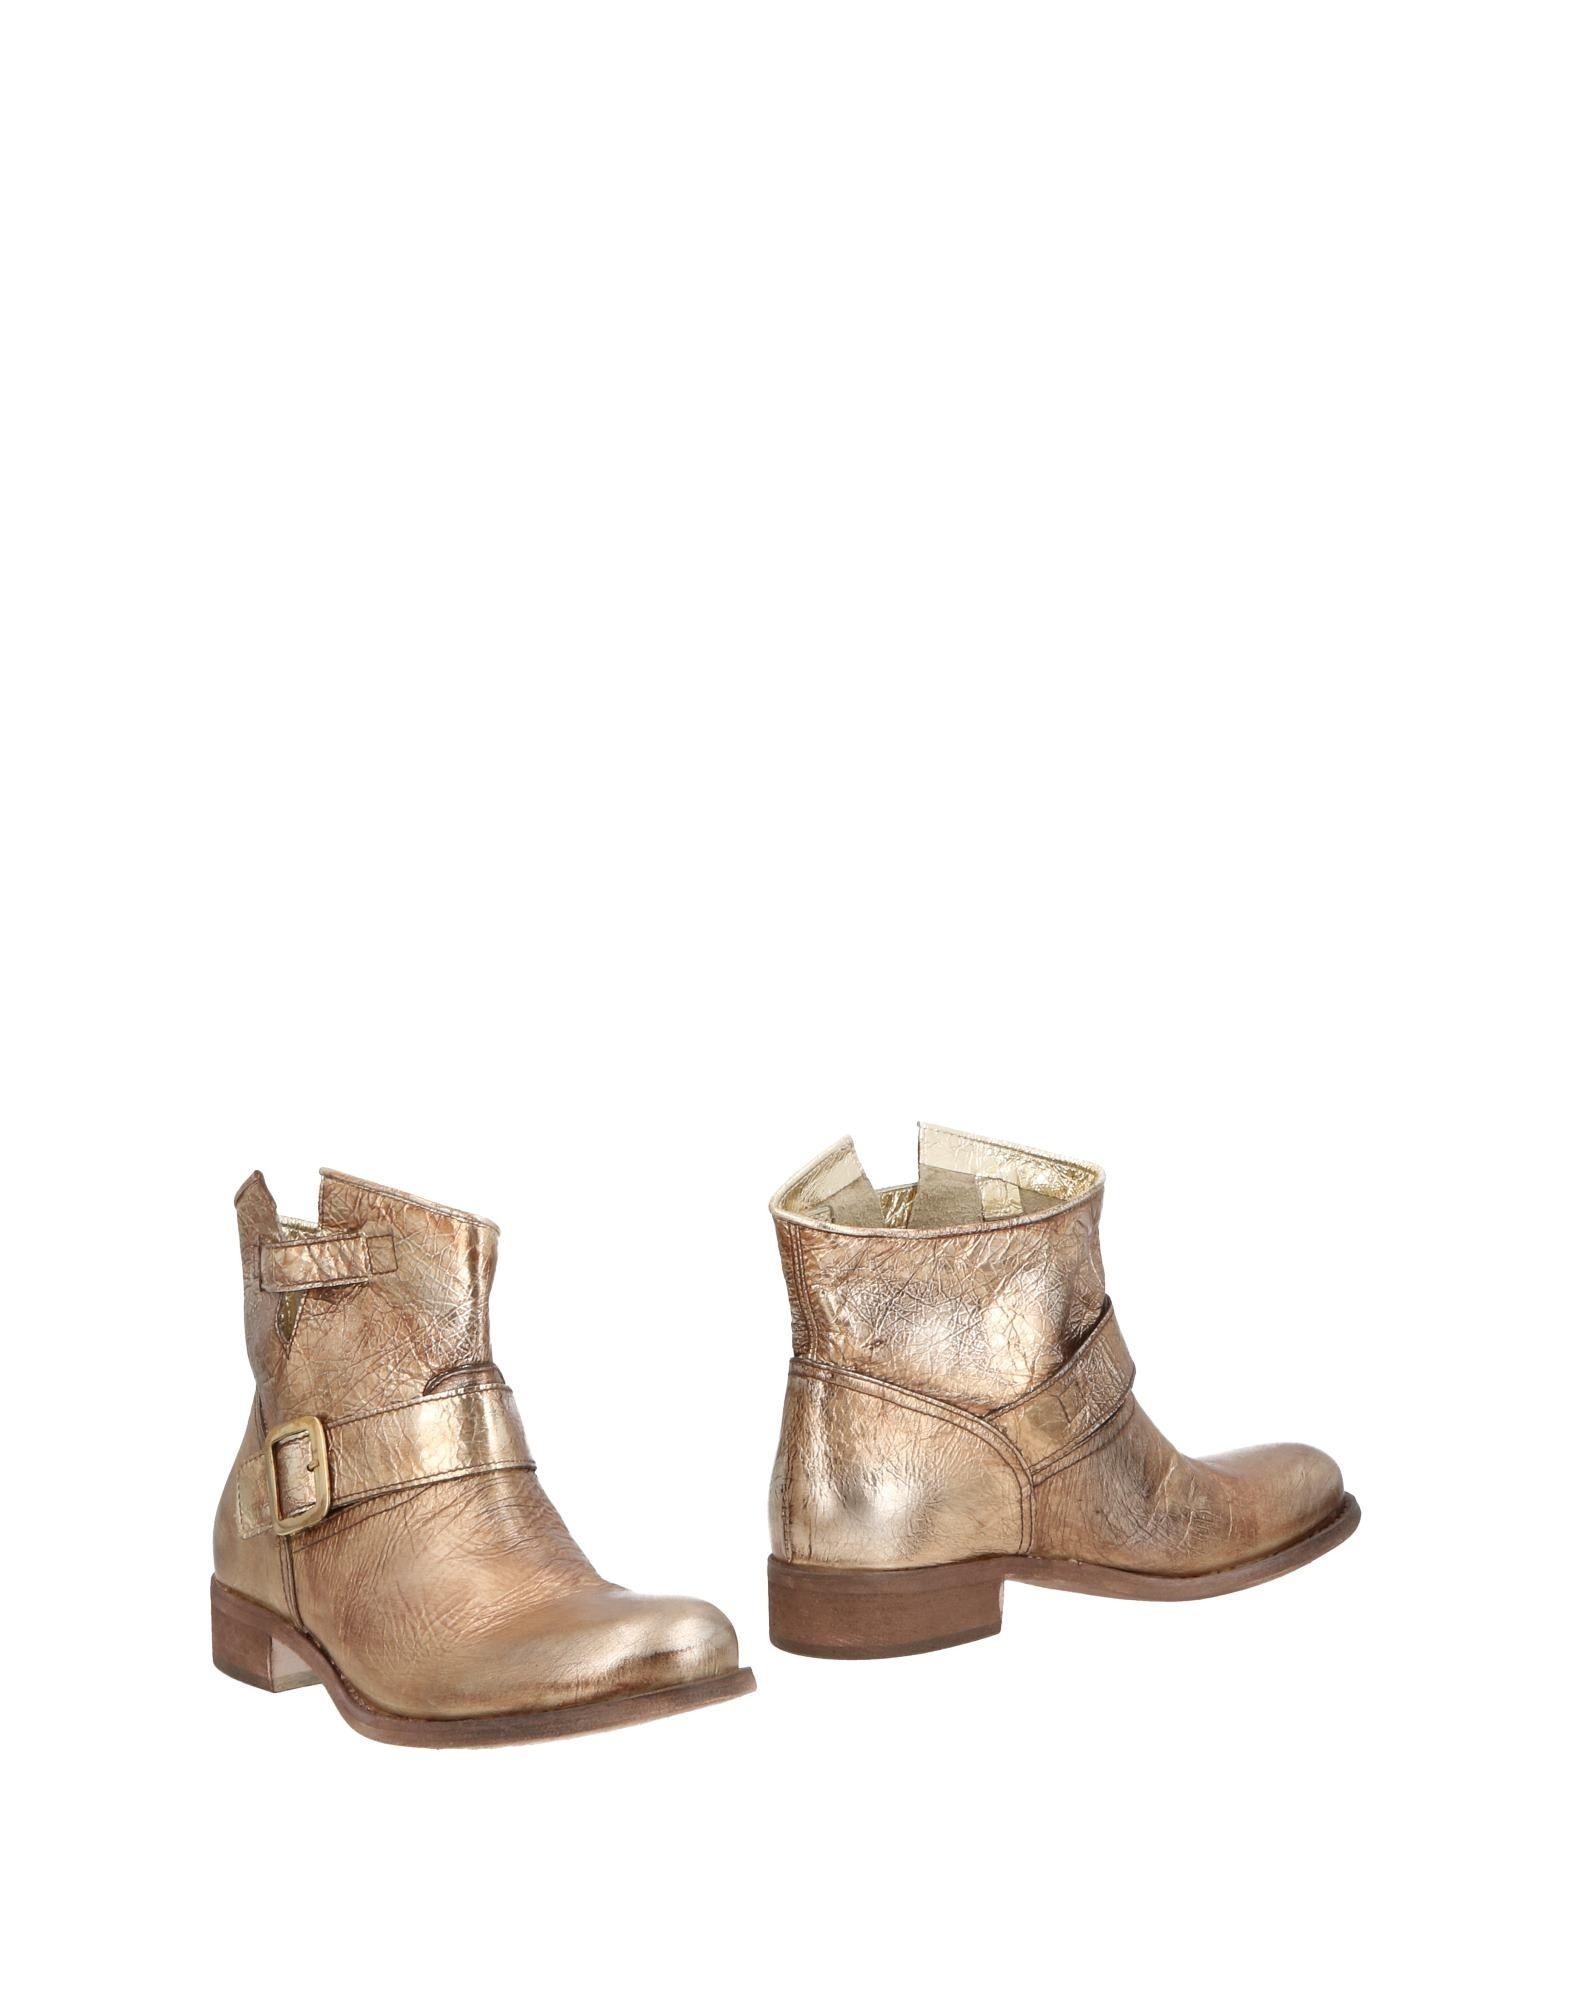 Gut um By billige Schuhe zu tragenOvye' By um Cristina Lucchi Stiefelette Damen  11485571MD be4bcc